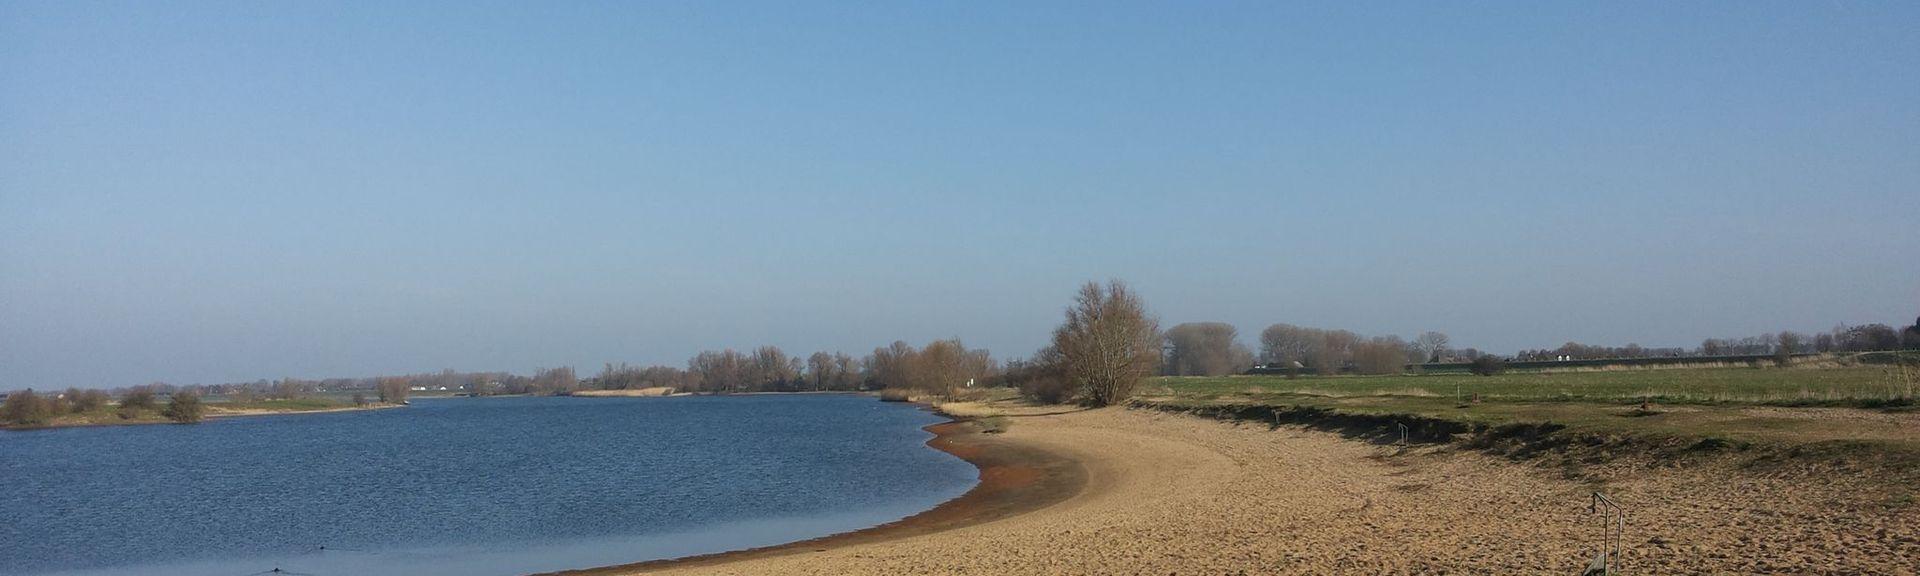 Woudrichem, Gemeinde Altena, Nord-Brabant, Niederlande